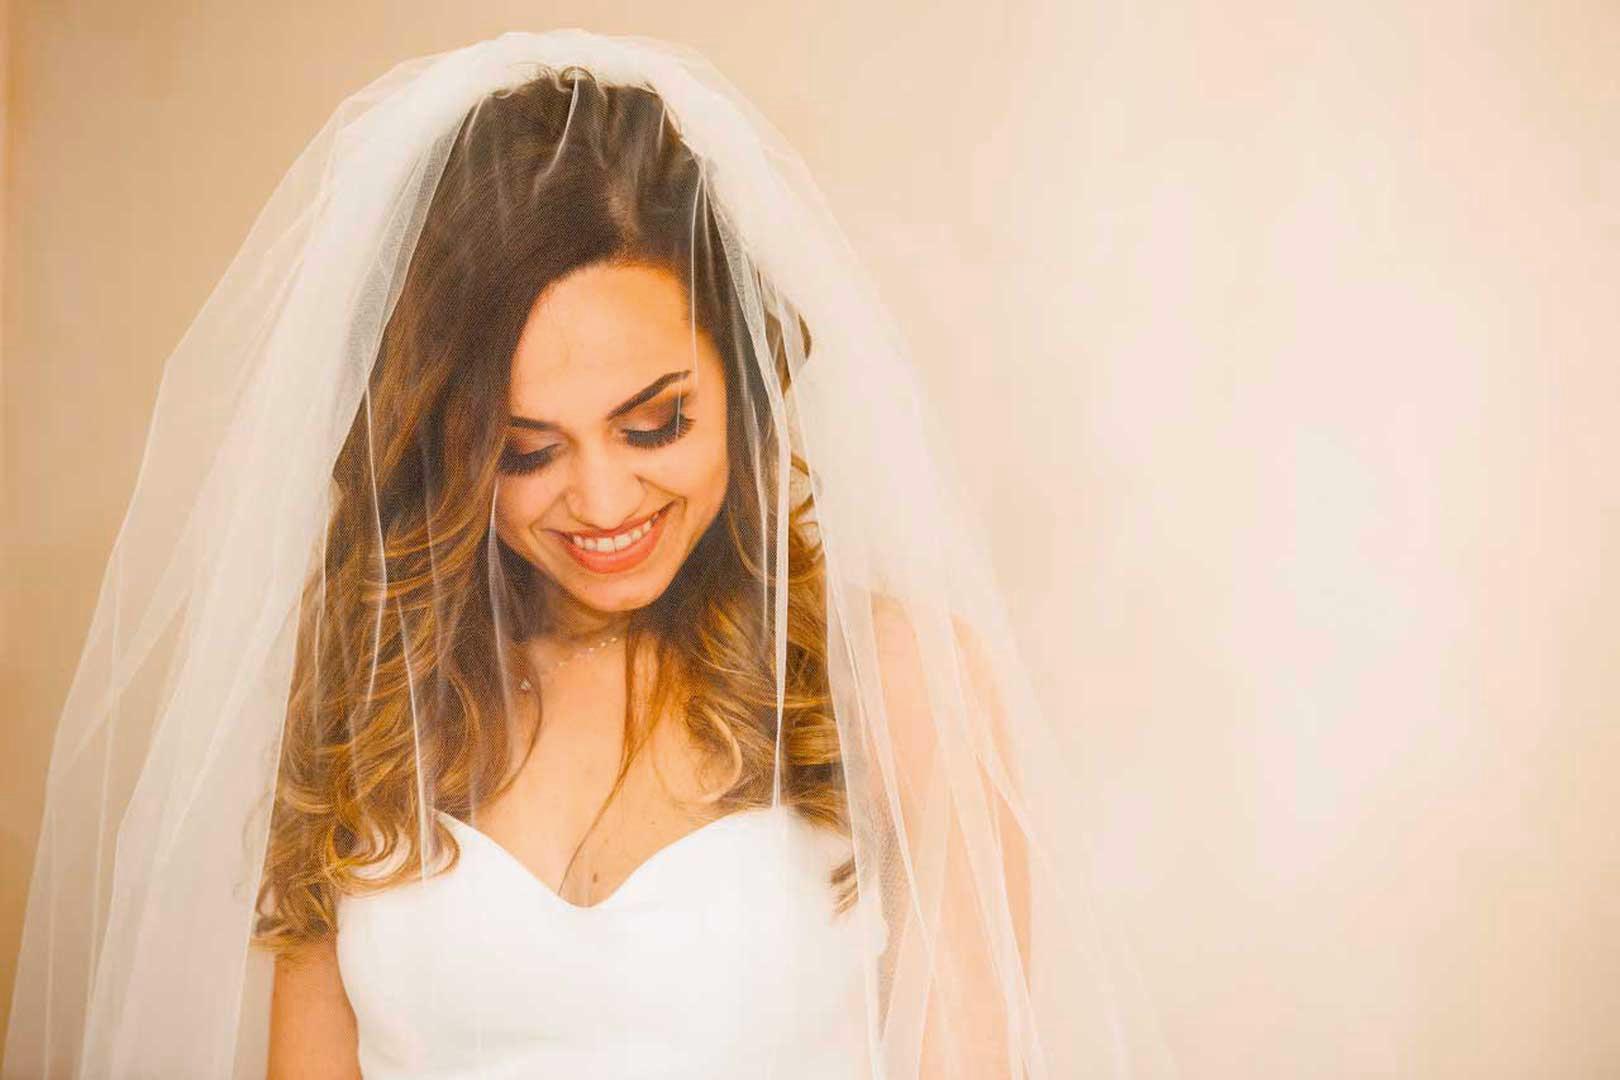 010-ritratto-matrimonio-gianni-lepore-fotografo